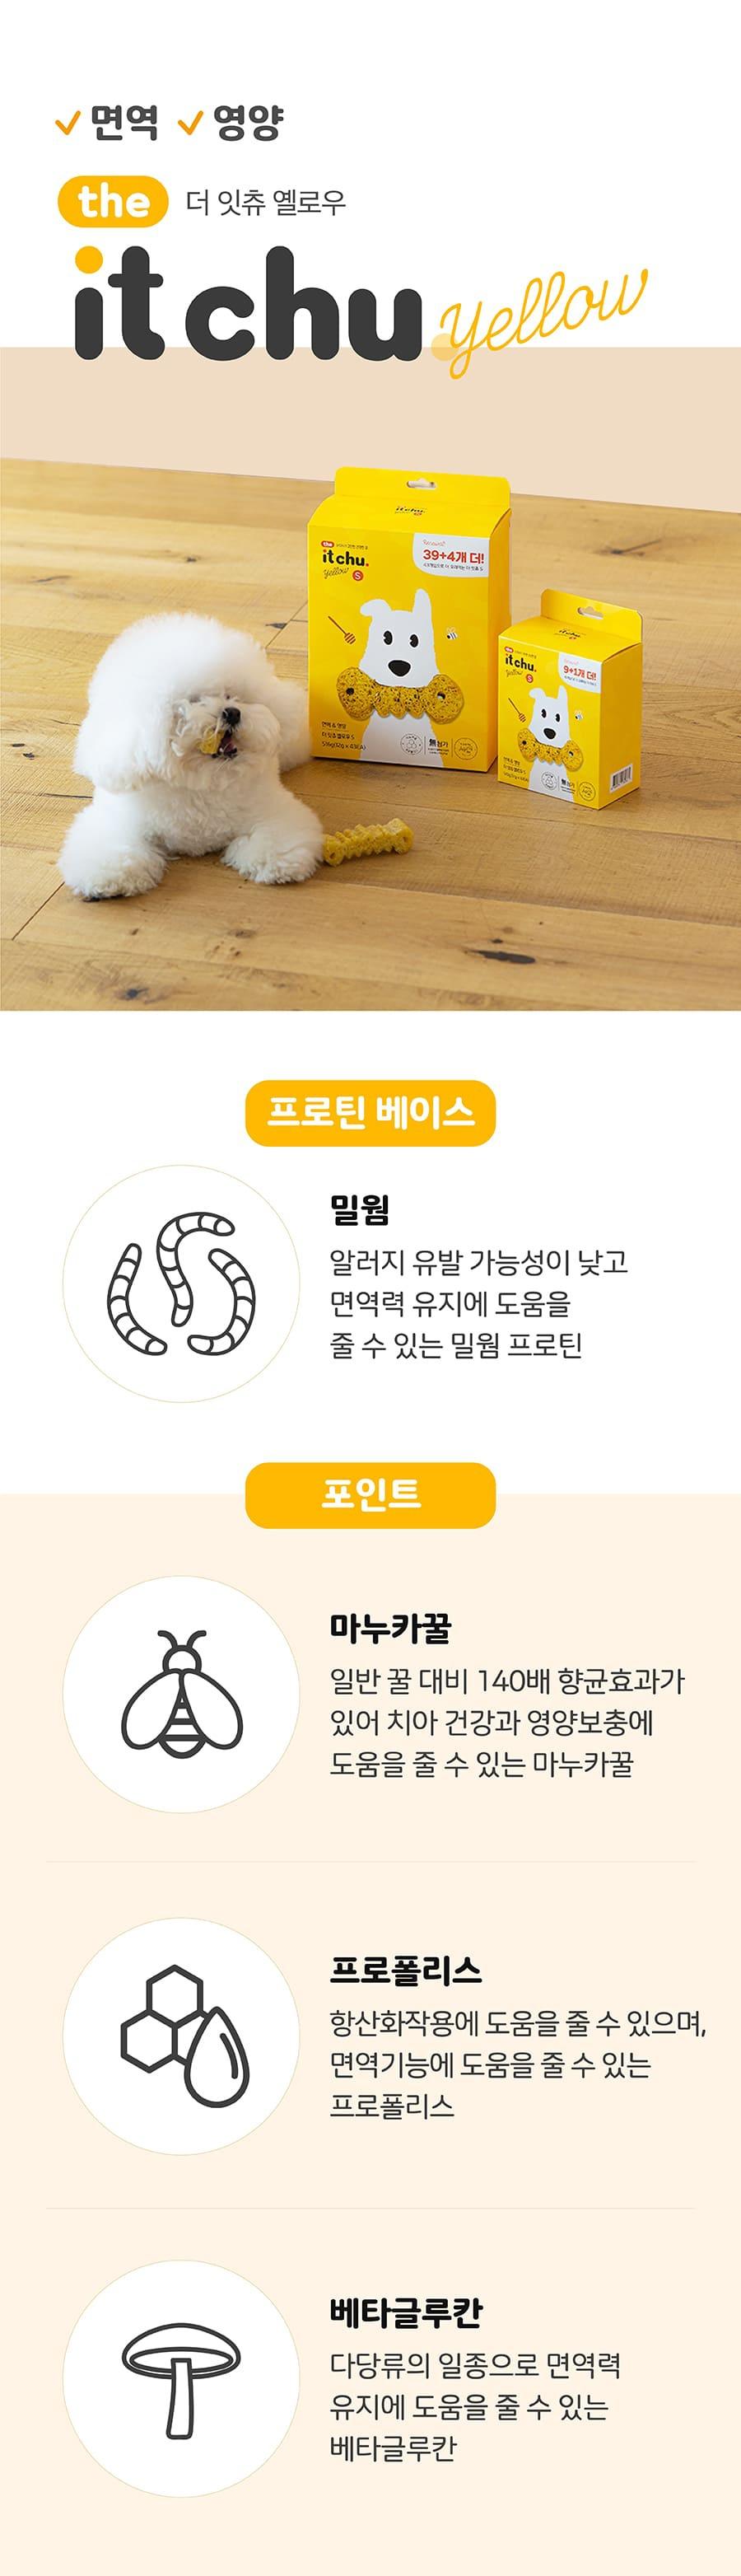 [오구오구특가]it 더 잇츄 옐로우 s (10개입)-상품이미지-17